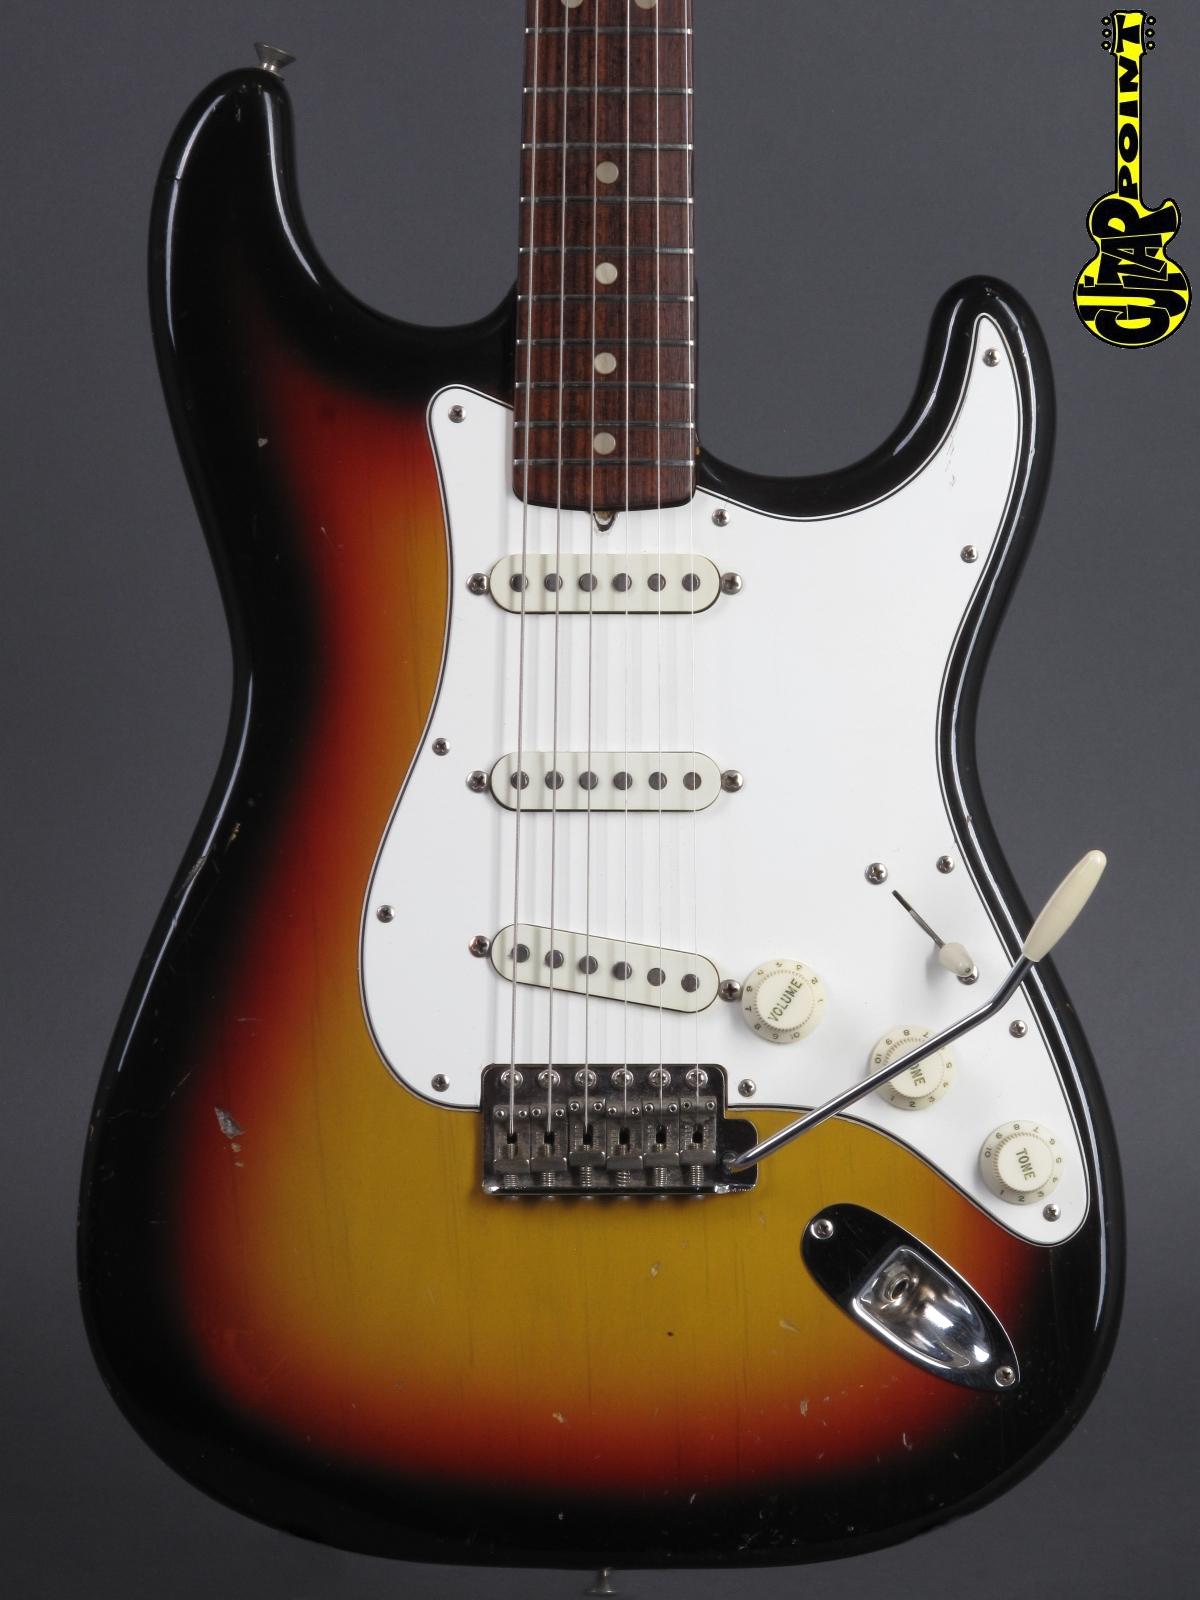 1966 Fender Stratocaster - 3t-Sunburst